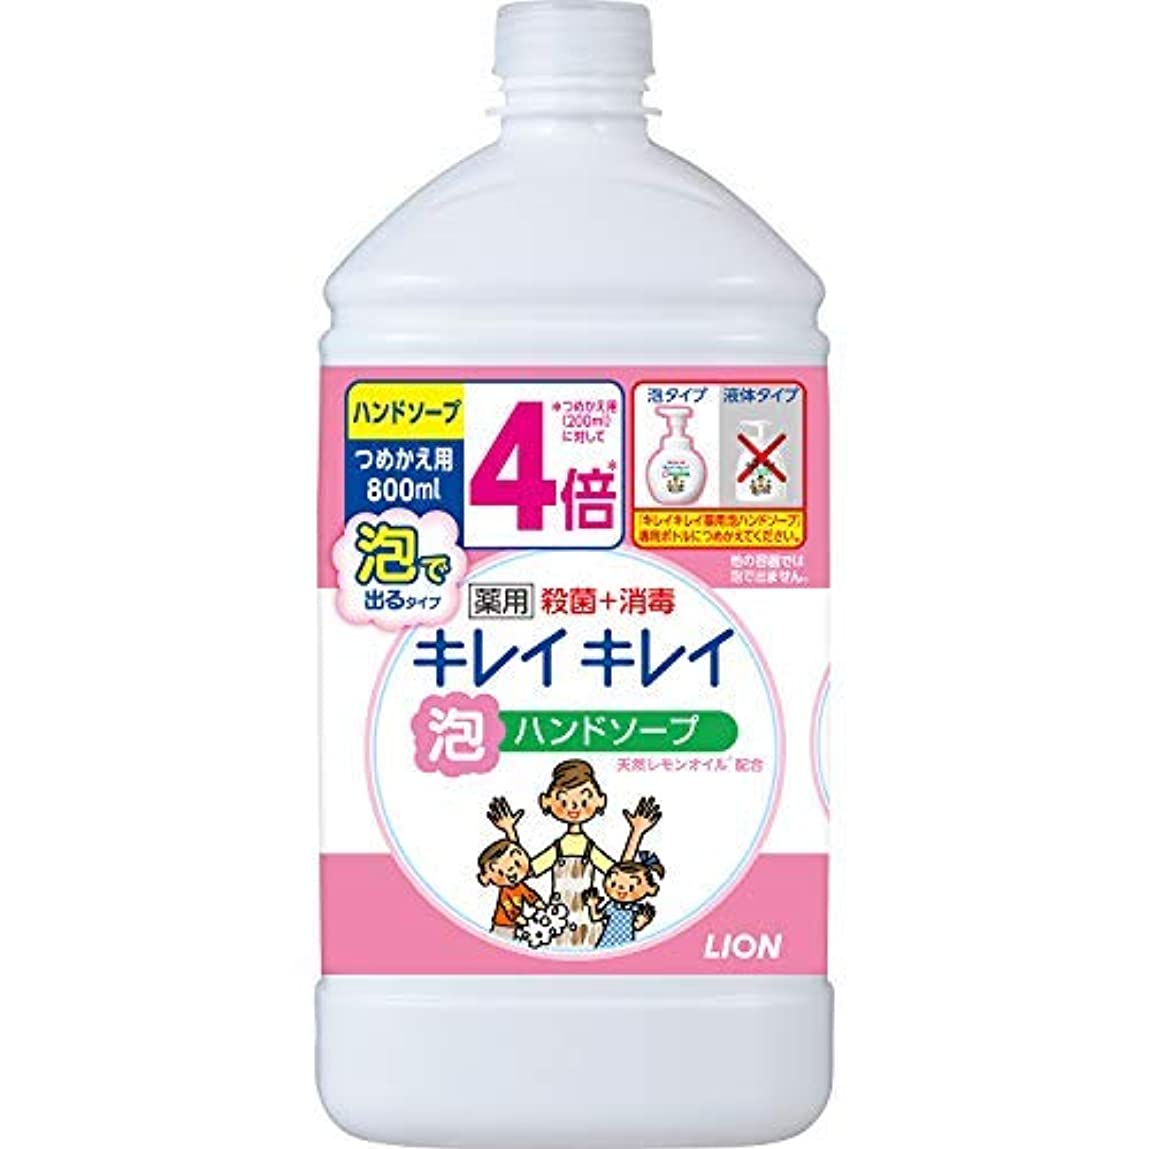 それる蒸留する汚すキレイキレイ 薬用泡ハンドソープ つめかえ用特大サイズ シトラスフルーティ × 12個セット